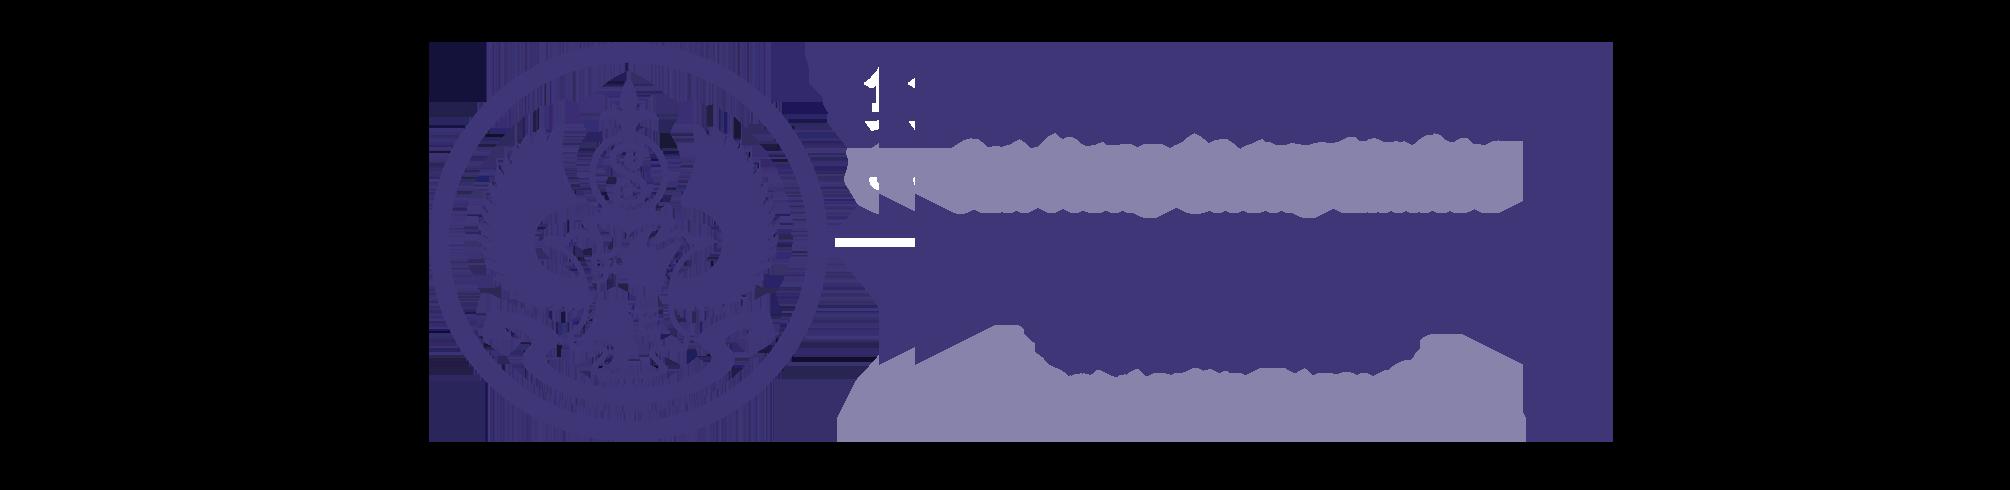 上海隽盛股权投资基金管理有限公司